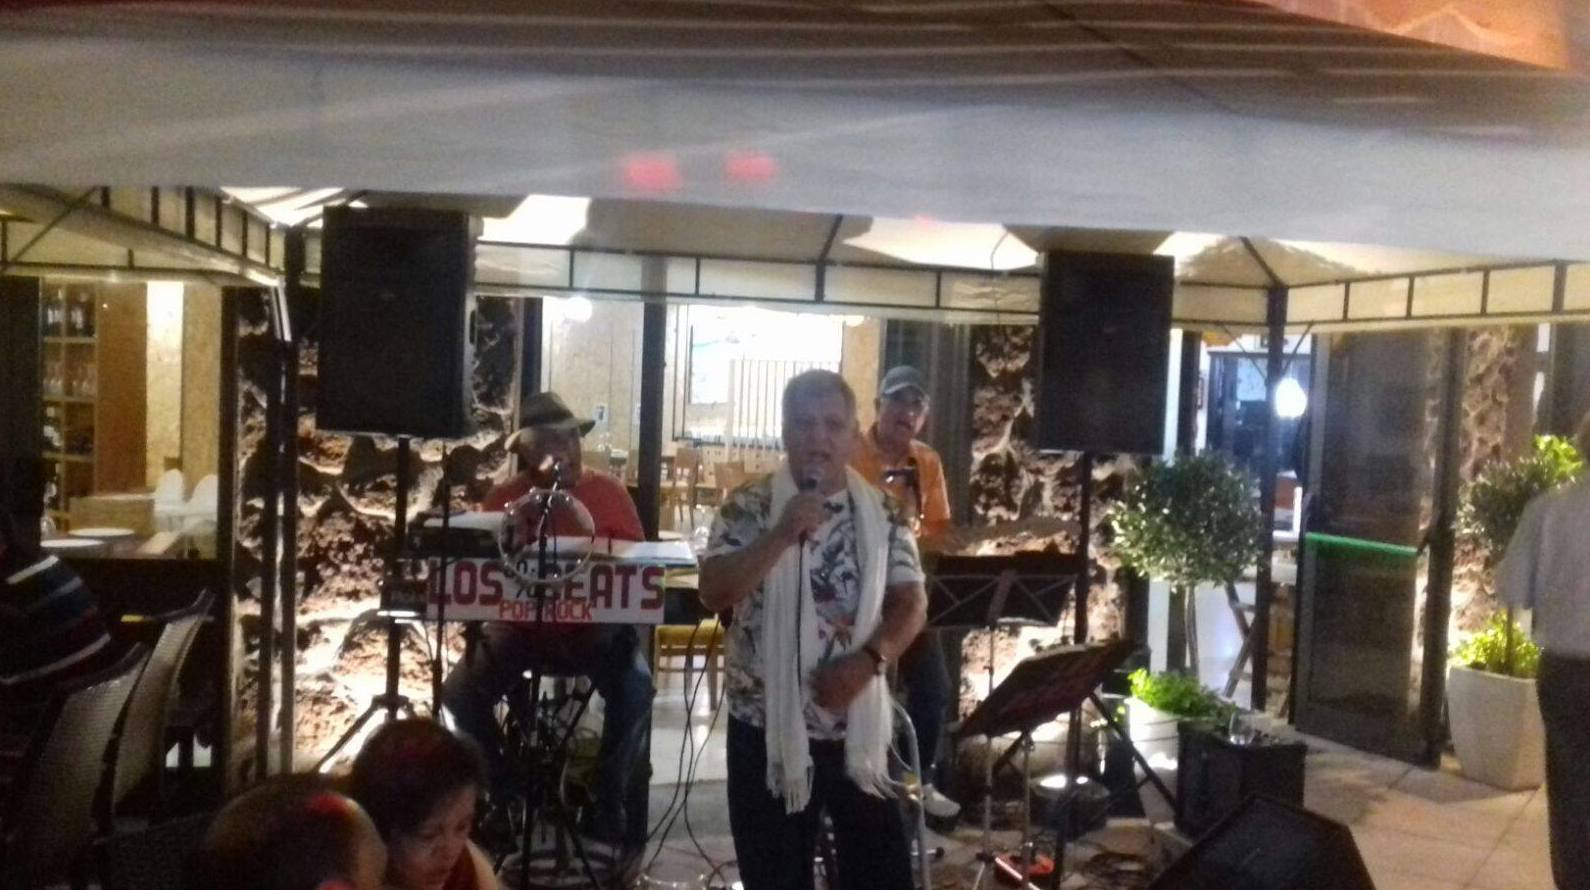 Éxito de los BEAT. Música en vivo sábado noche en La Otra Punta